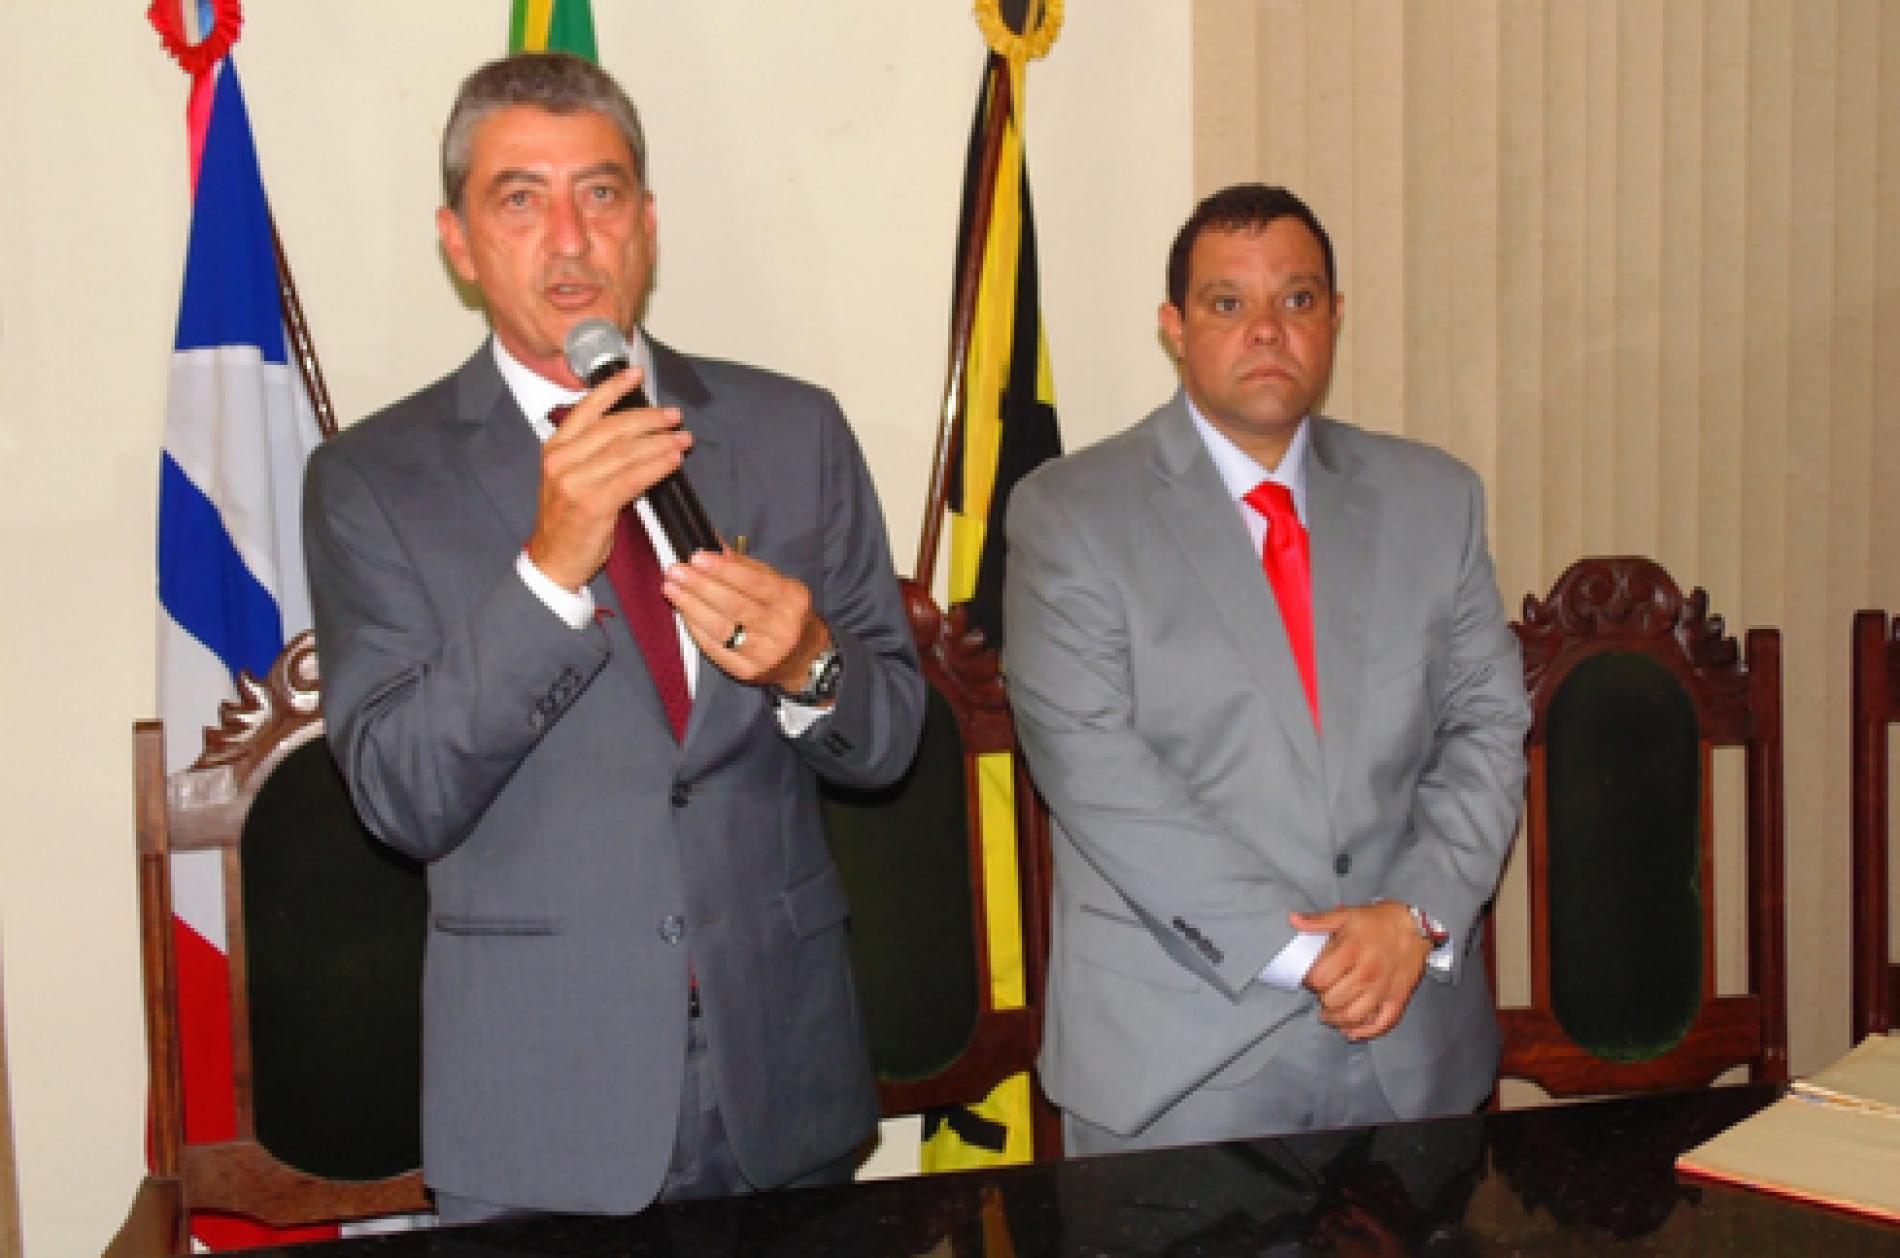 MP recomenda que prefeito de Cruz das Almas anule nomeação de servidores por conta de nepotismo